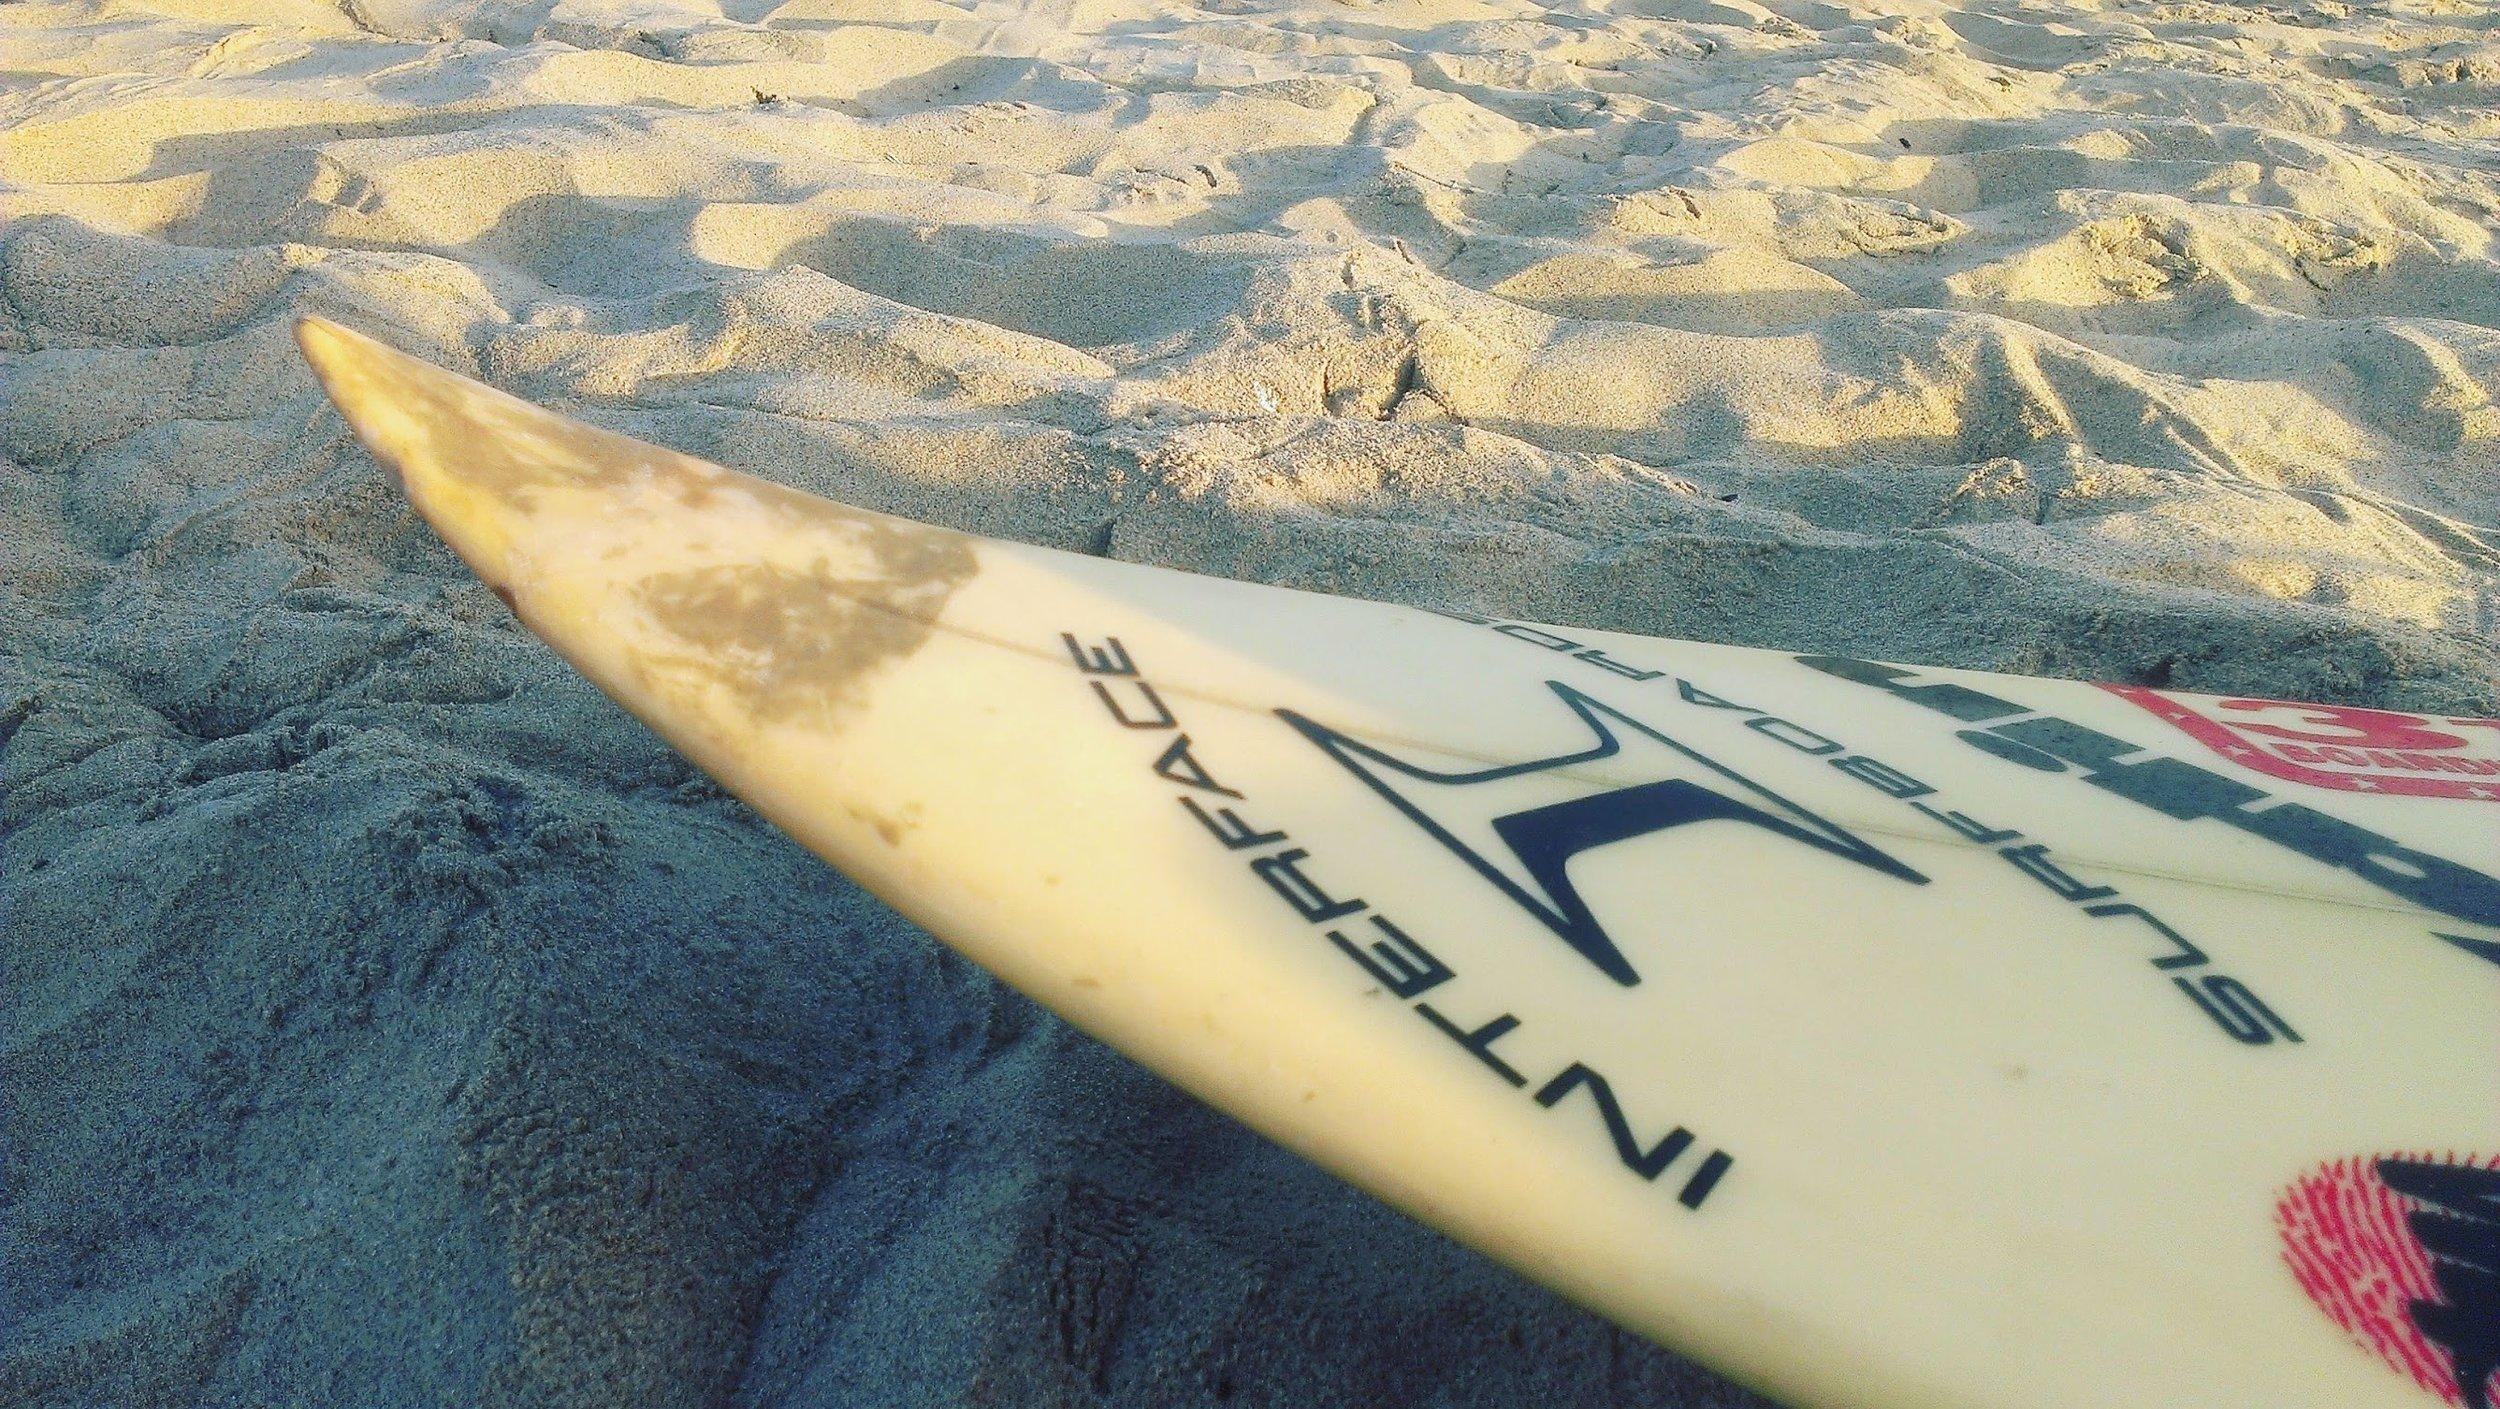 Urge Surfing 2.jpg